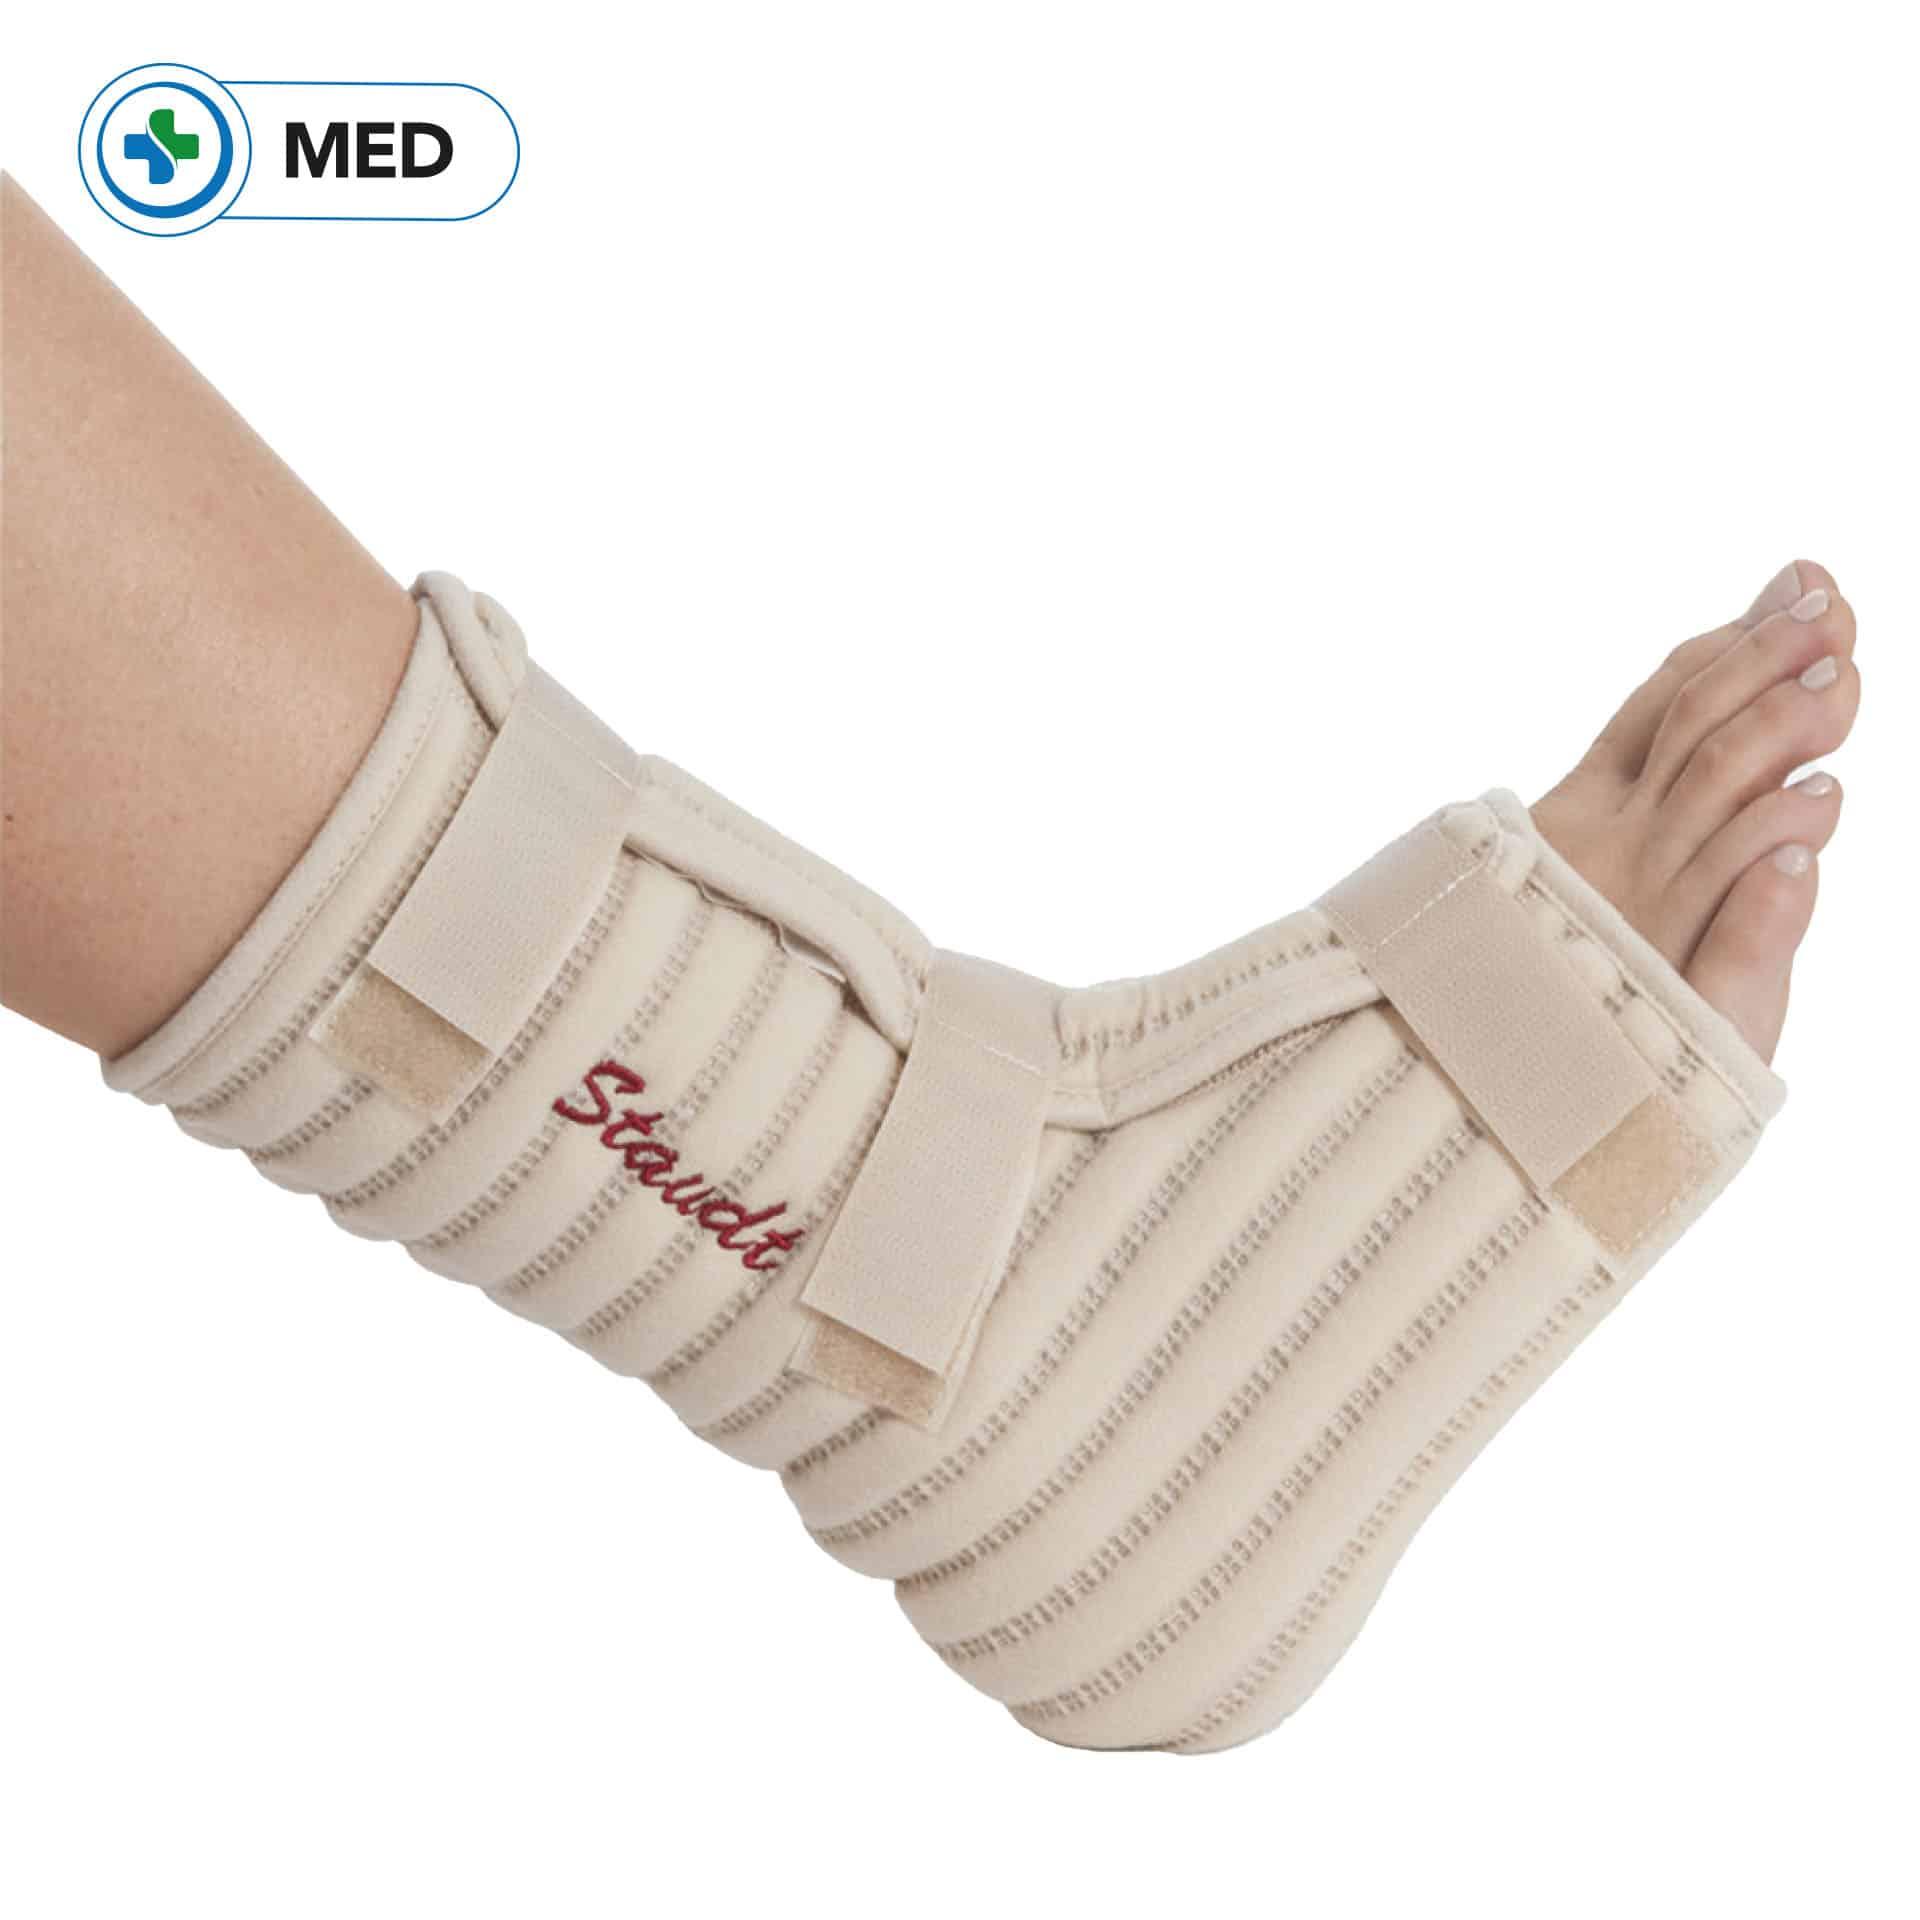 My Mobilitas - Fascia per caviglia (Taglia: Taglia L / n° di calzatura: 42-44)